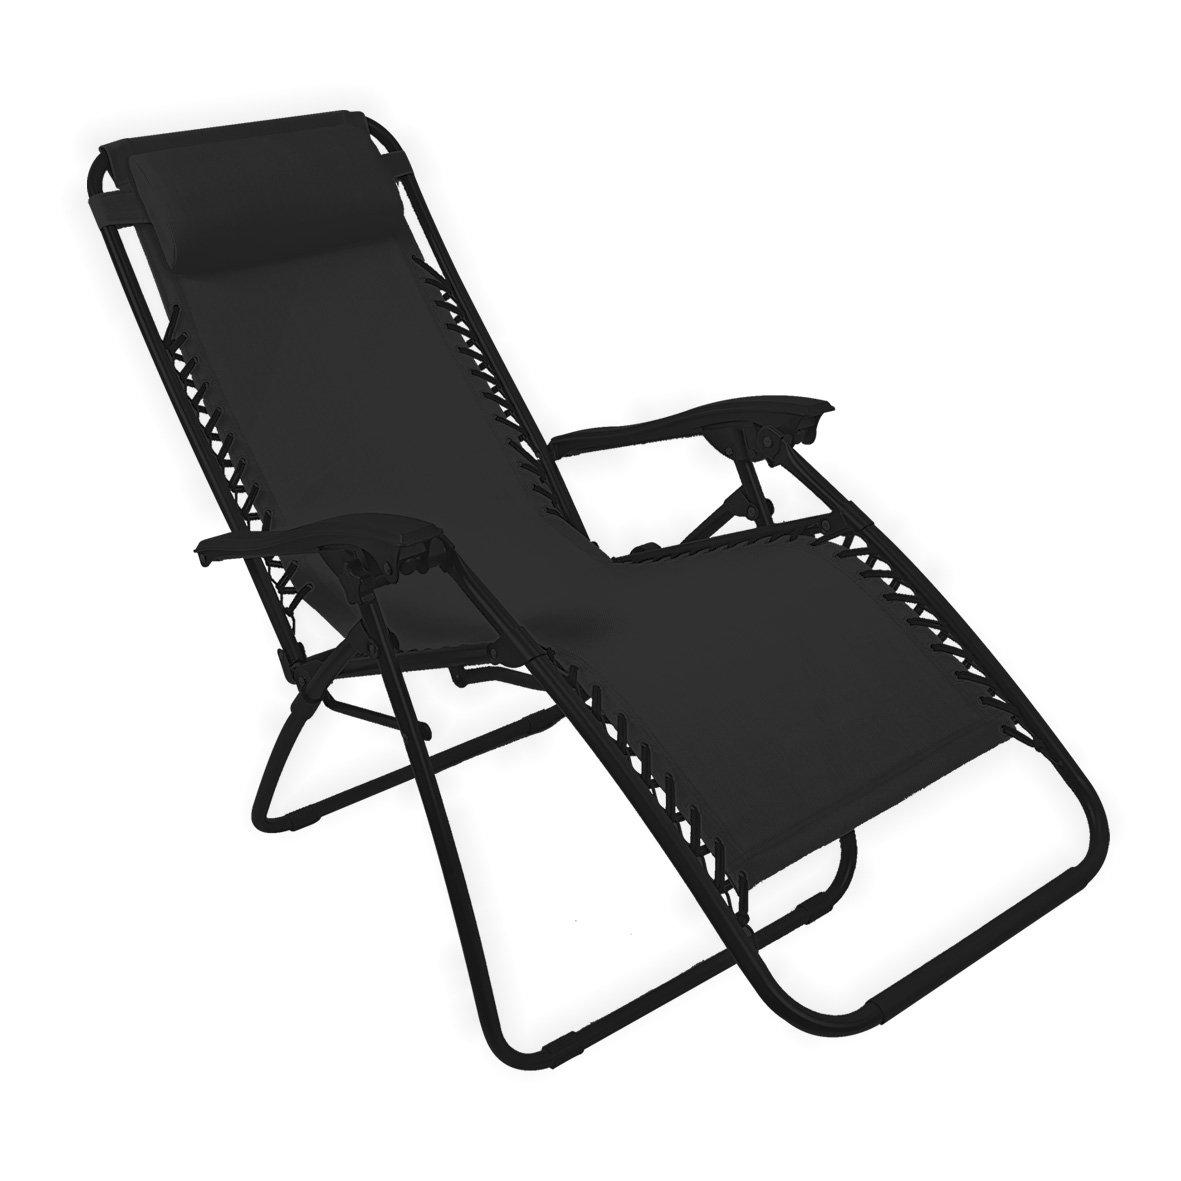 Patio Recliner Chairs Garden Kraft 12380 Benross Deluxe Garden Recliner Chair With